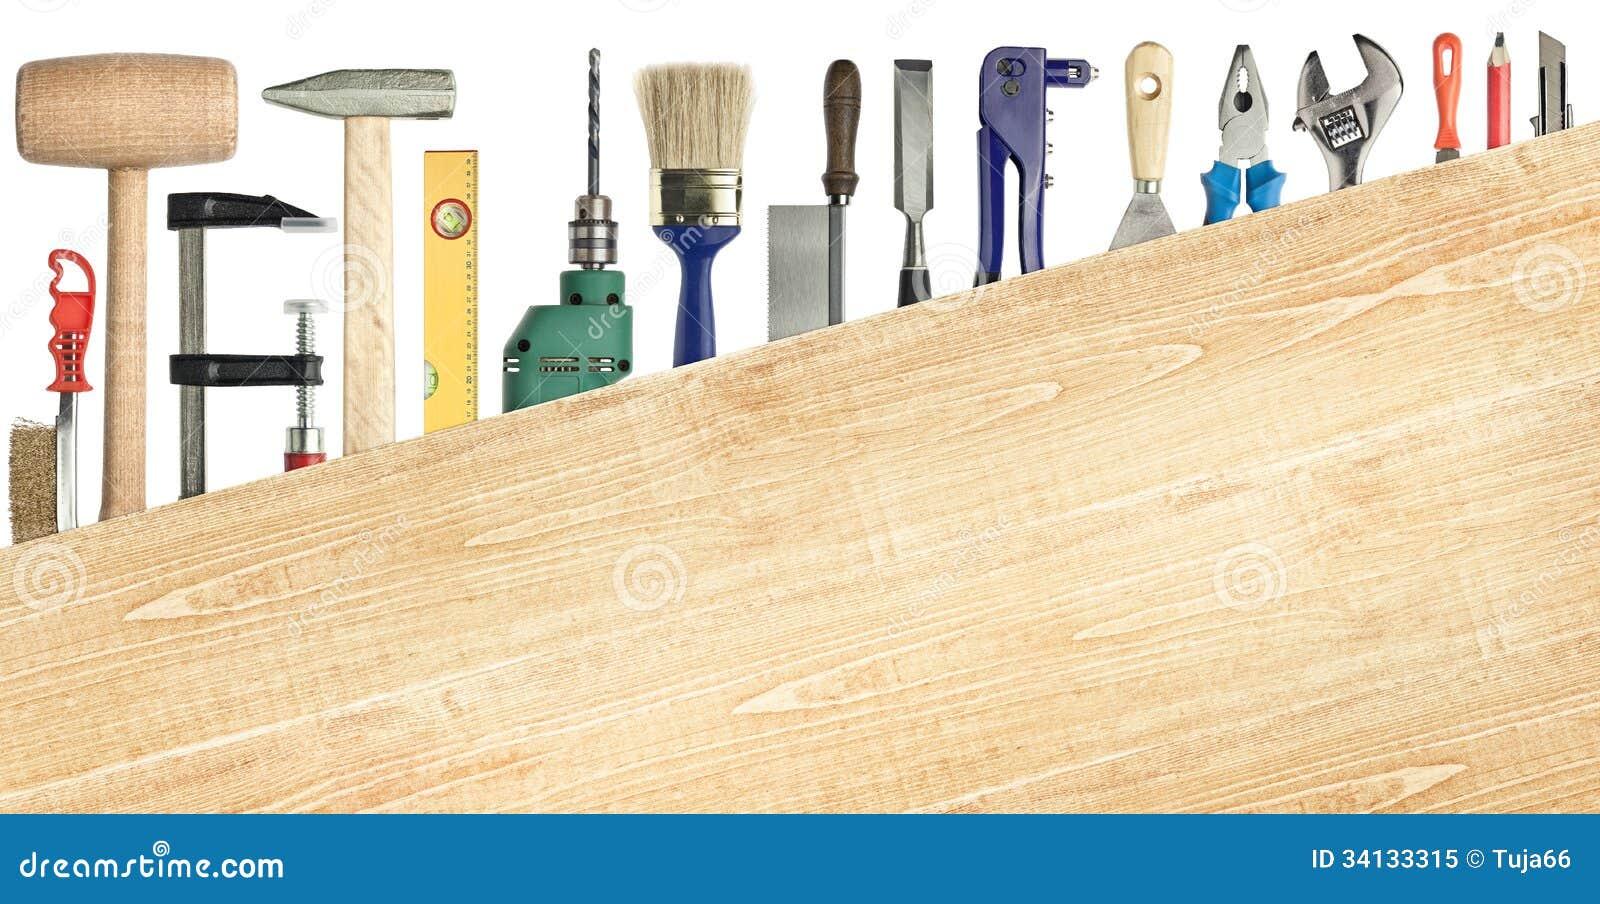 Excellent Woodworking Wallpaper  WallpaperSafari